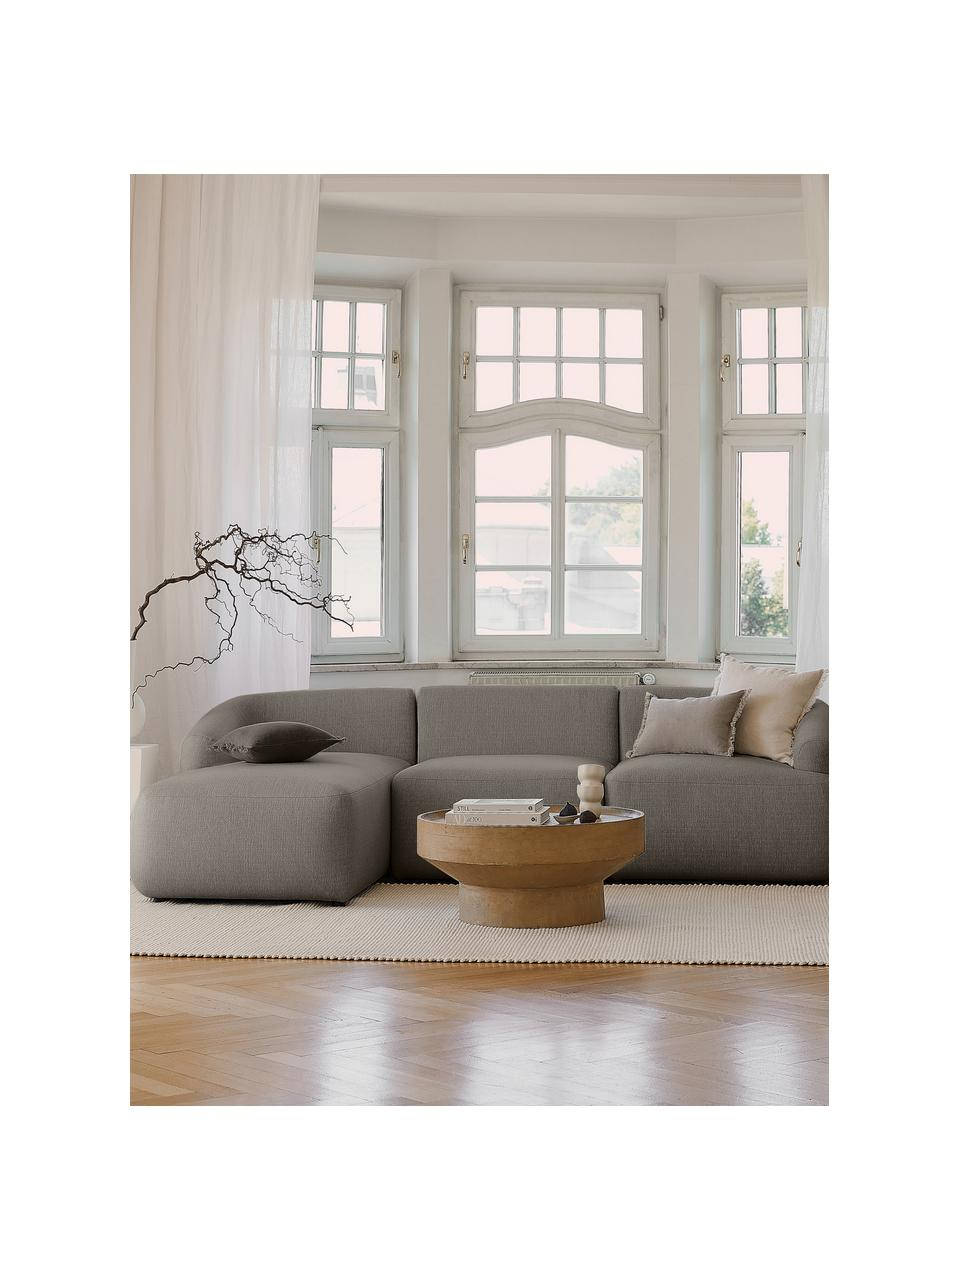 Modulaire hoekbank Sofia, grijs, Bekleding: 100% polypropyleen, Frame: massief grenenhout, spaan, Poten: kunststof, Grijs, B 278 x D 174 cm